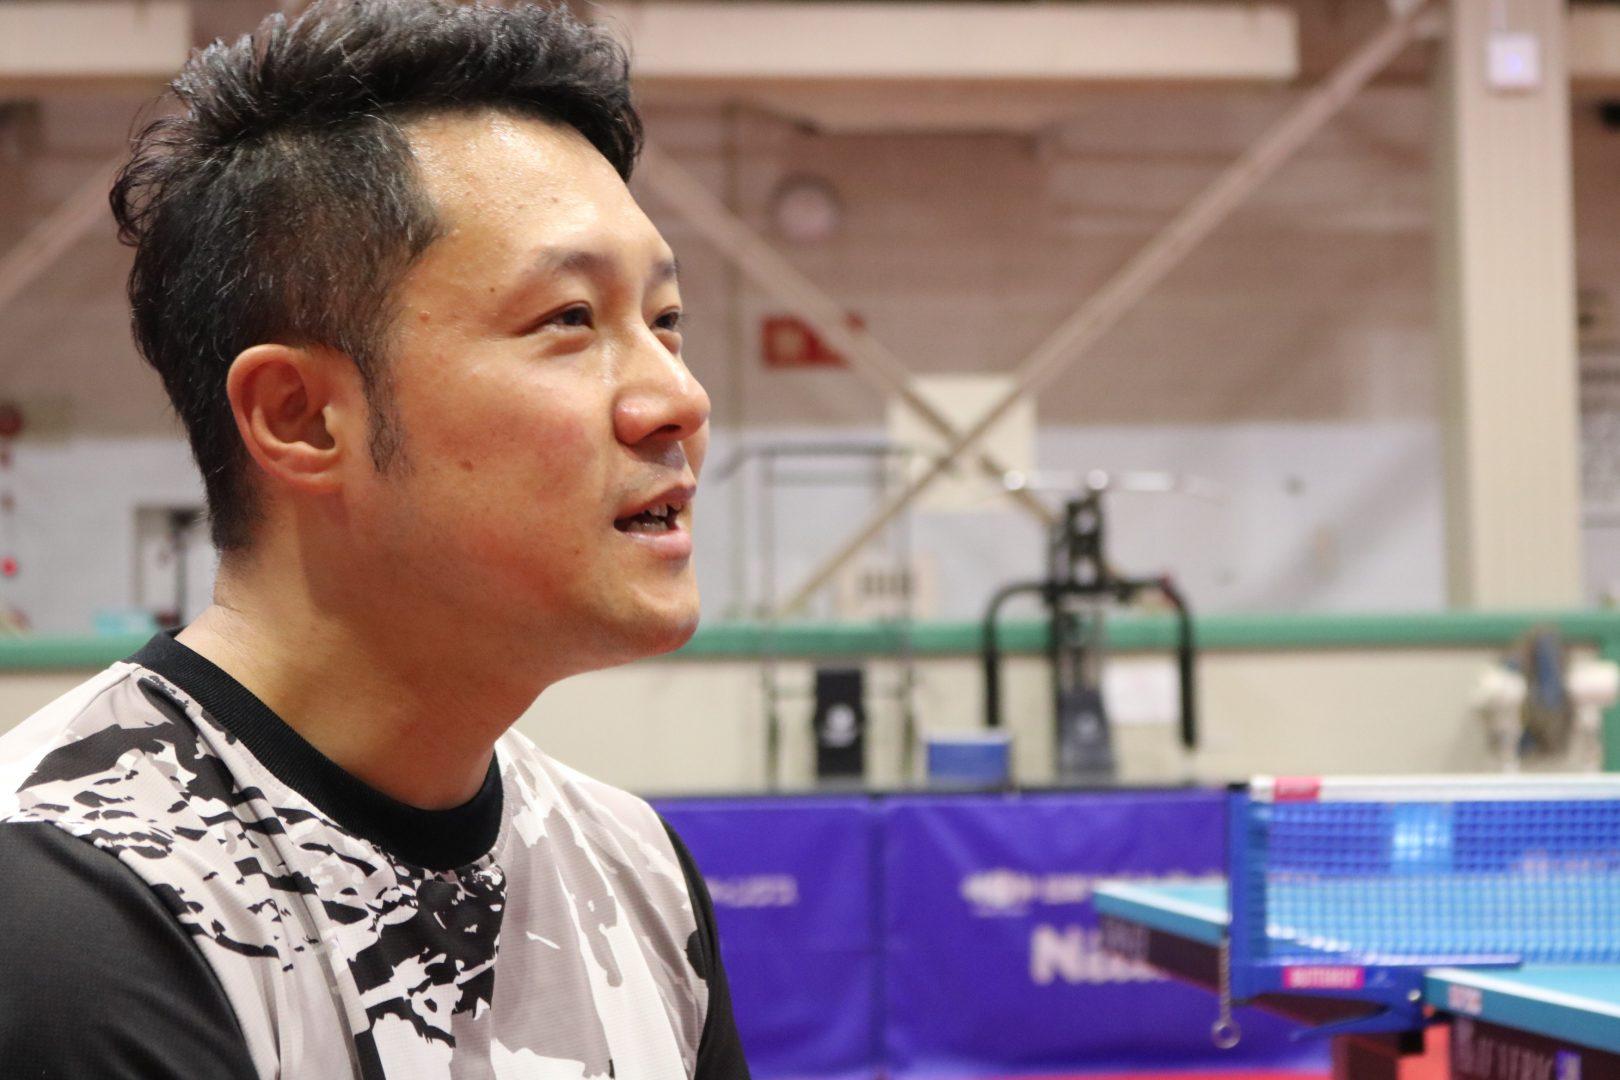 「勝ち負けだけが大事じゃない」日本ペイント・三原監督の卓球指導はなぜ楽しいのか